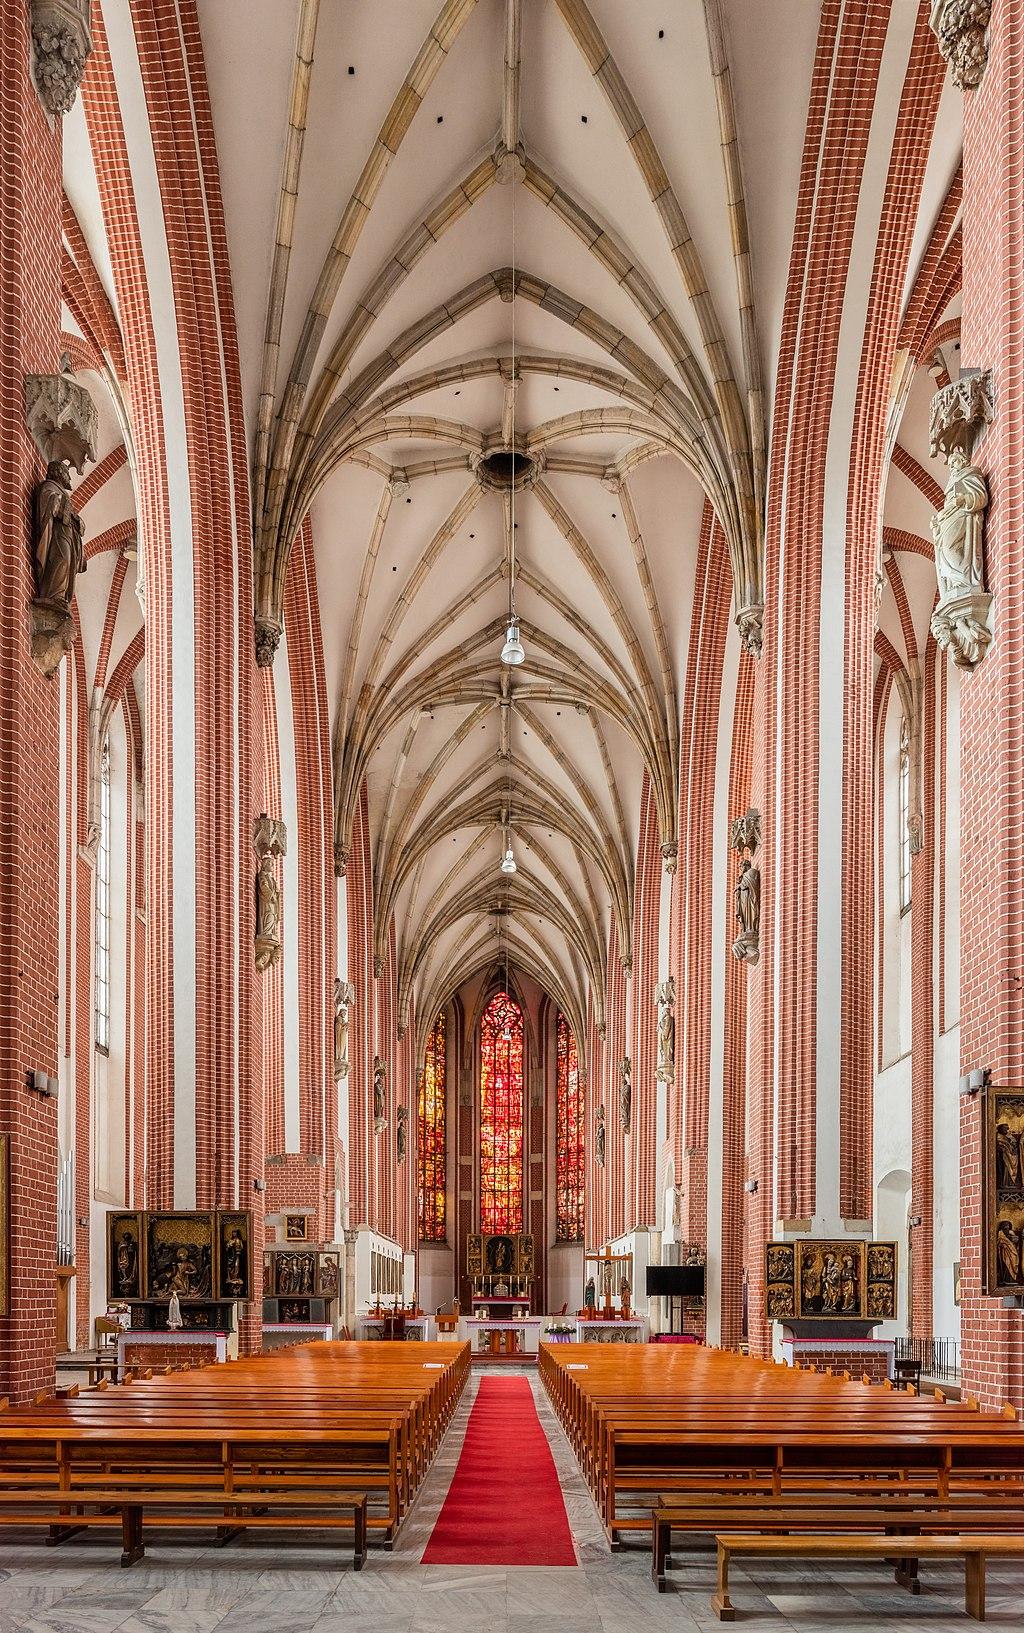 Iglesia de la Virgen María, Breslavia, Polonia, 2017-12-20, DD 17-19 HDR.jpg